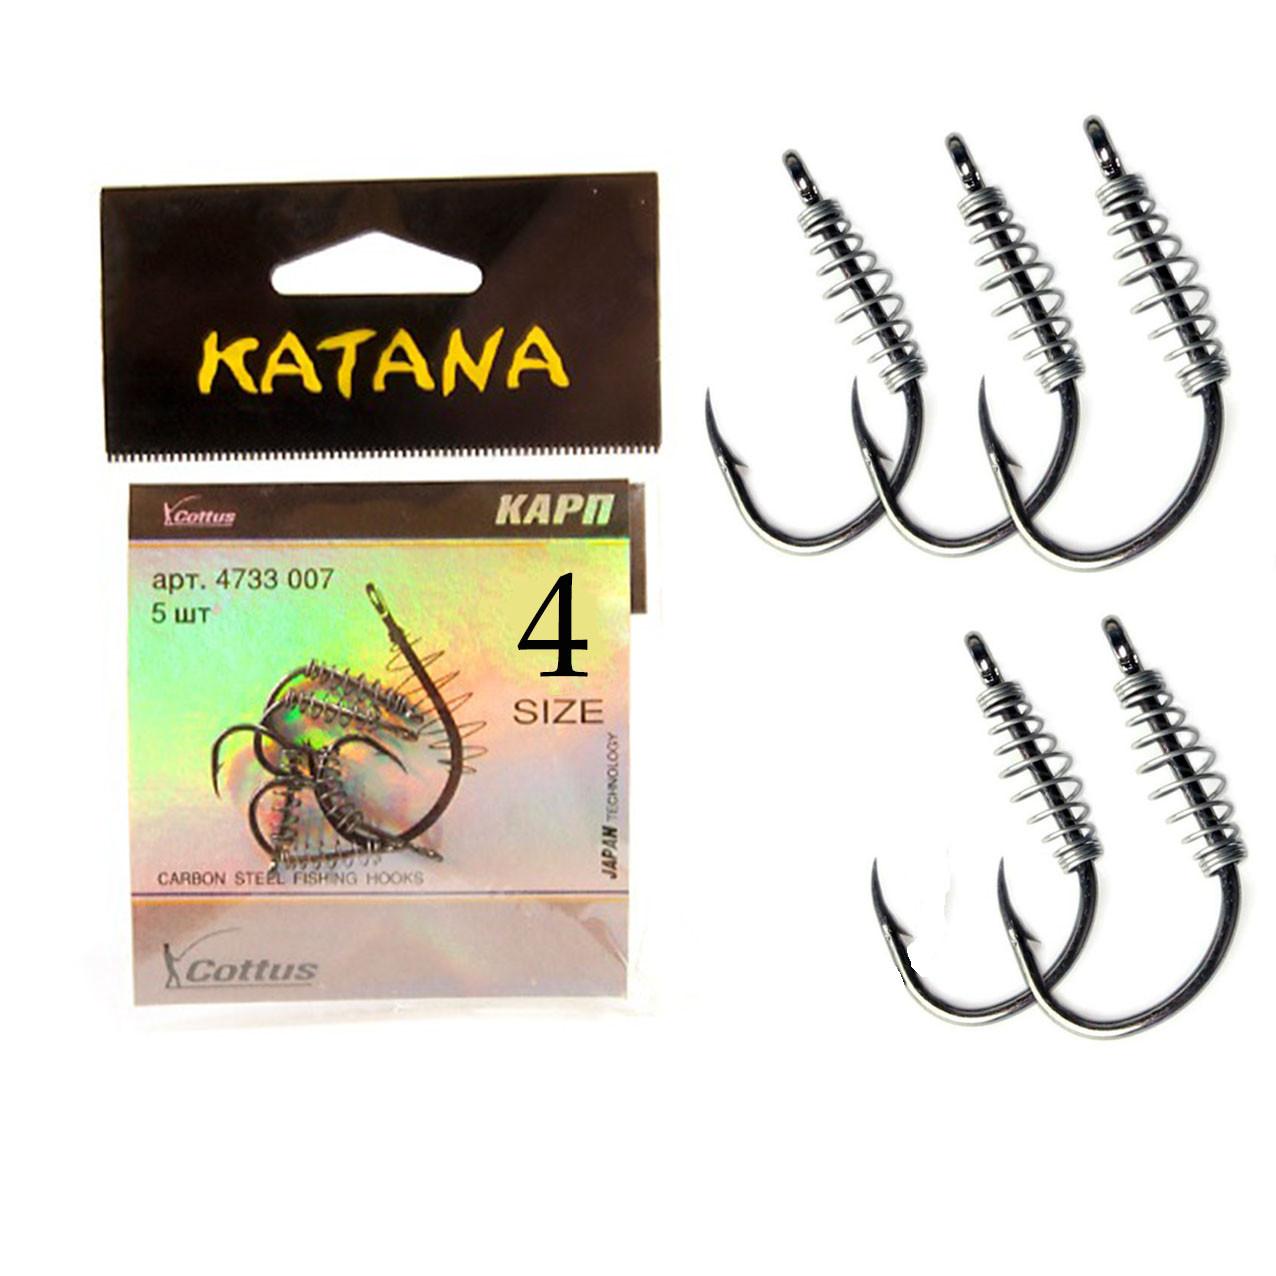 Крючки рыболовные с ушком пружиной клювообразным жалом набор 5 шт Katana 4 размер - фото 1